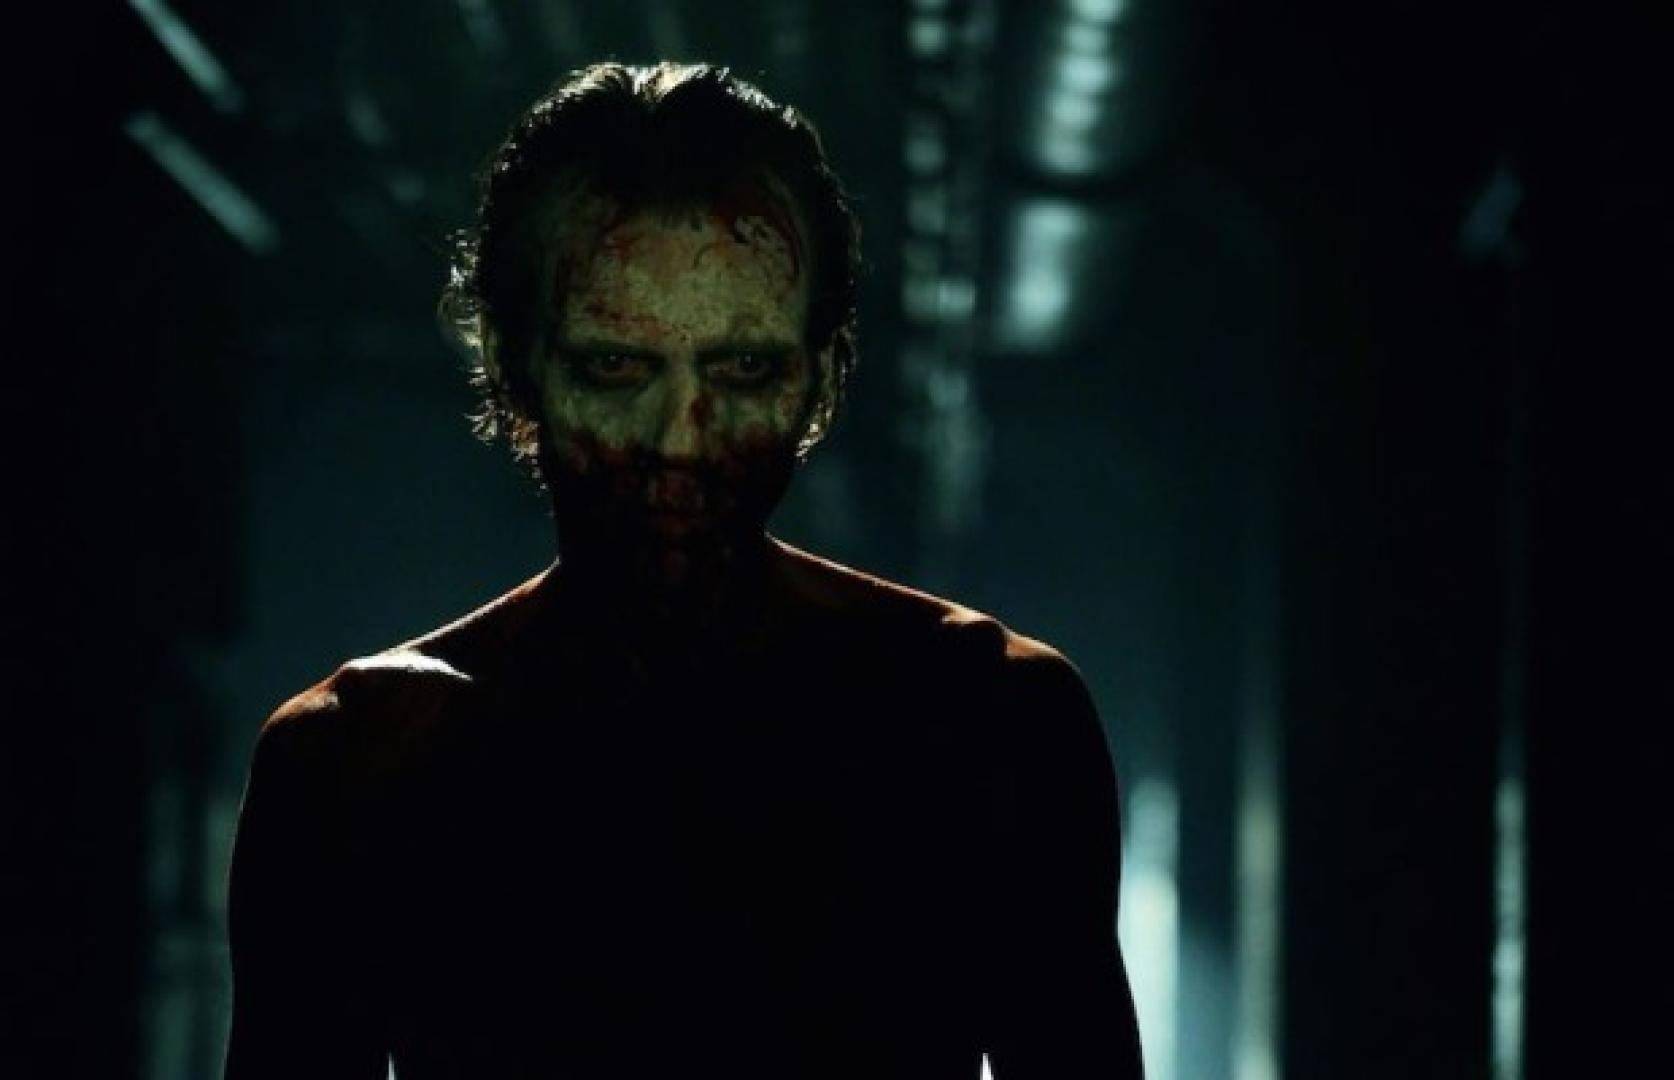 Hivatalos kép Rob Zombie 31 című filmjéből